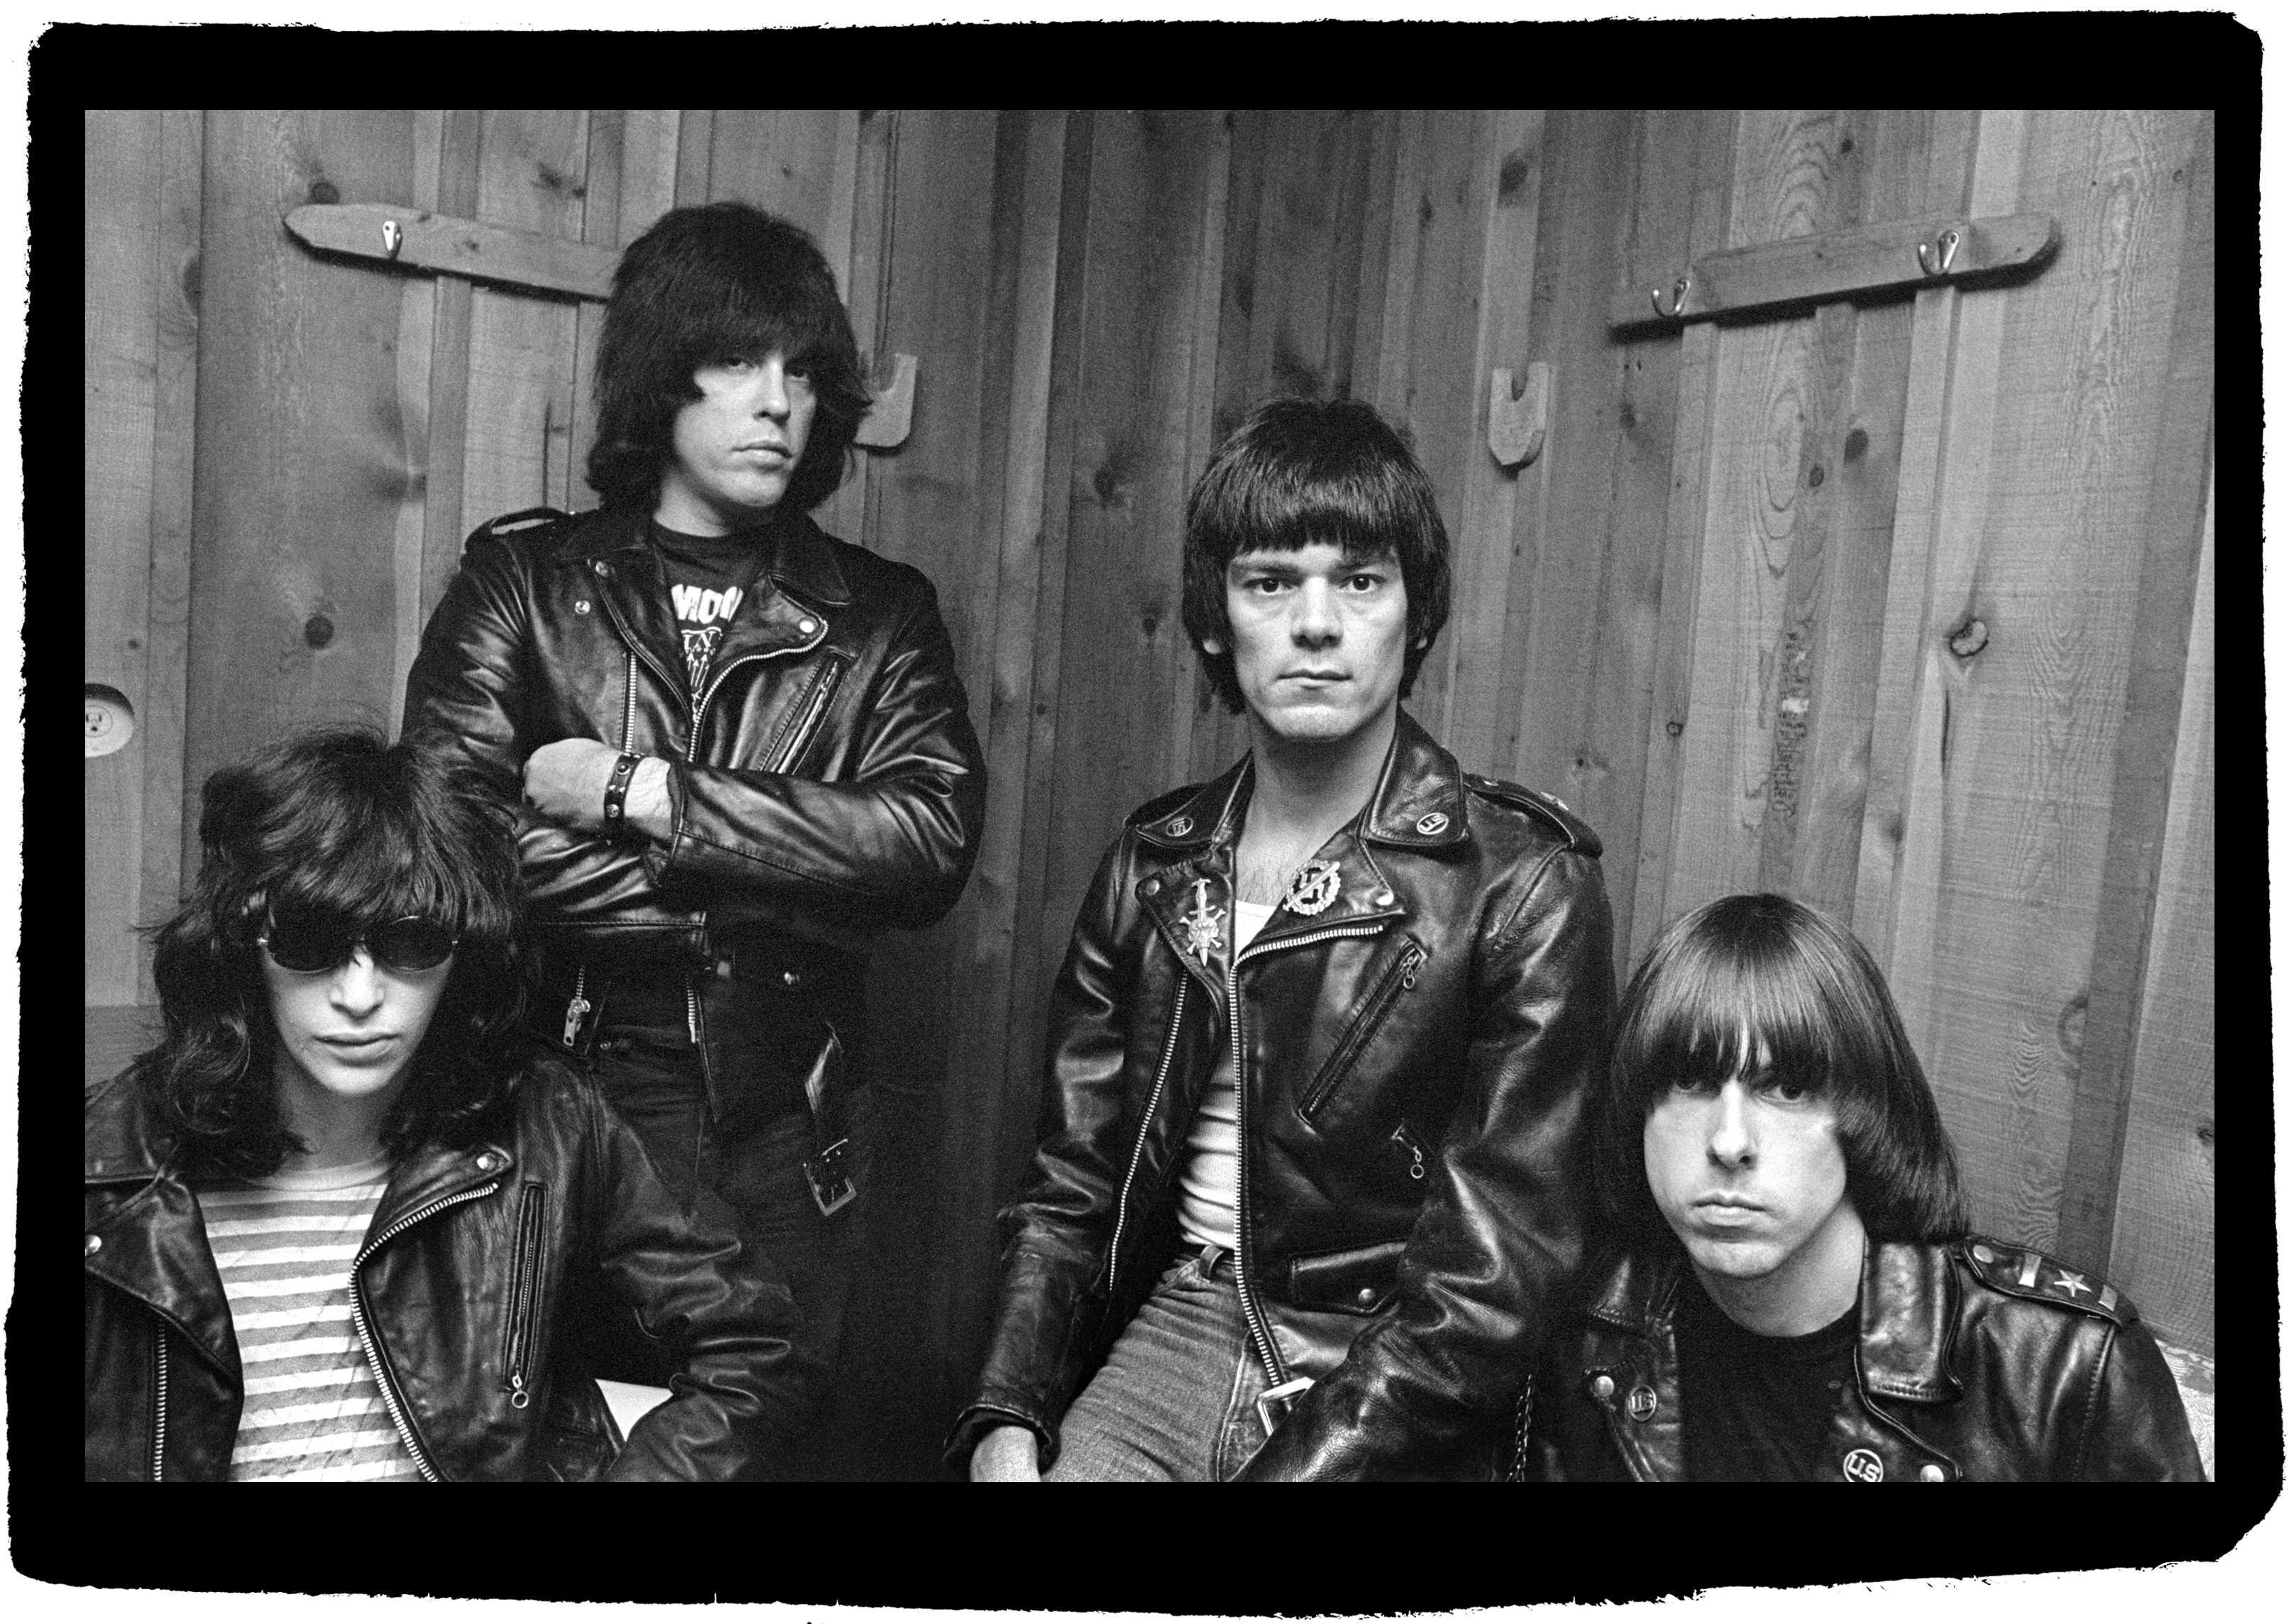 Ramones Backgrounds